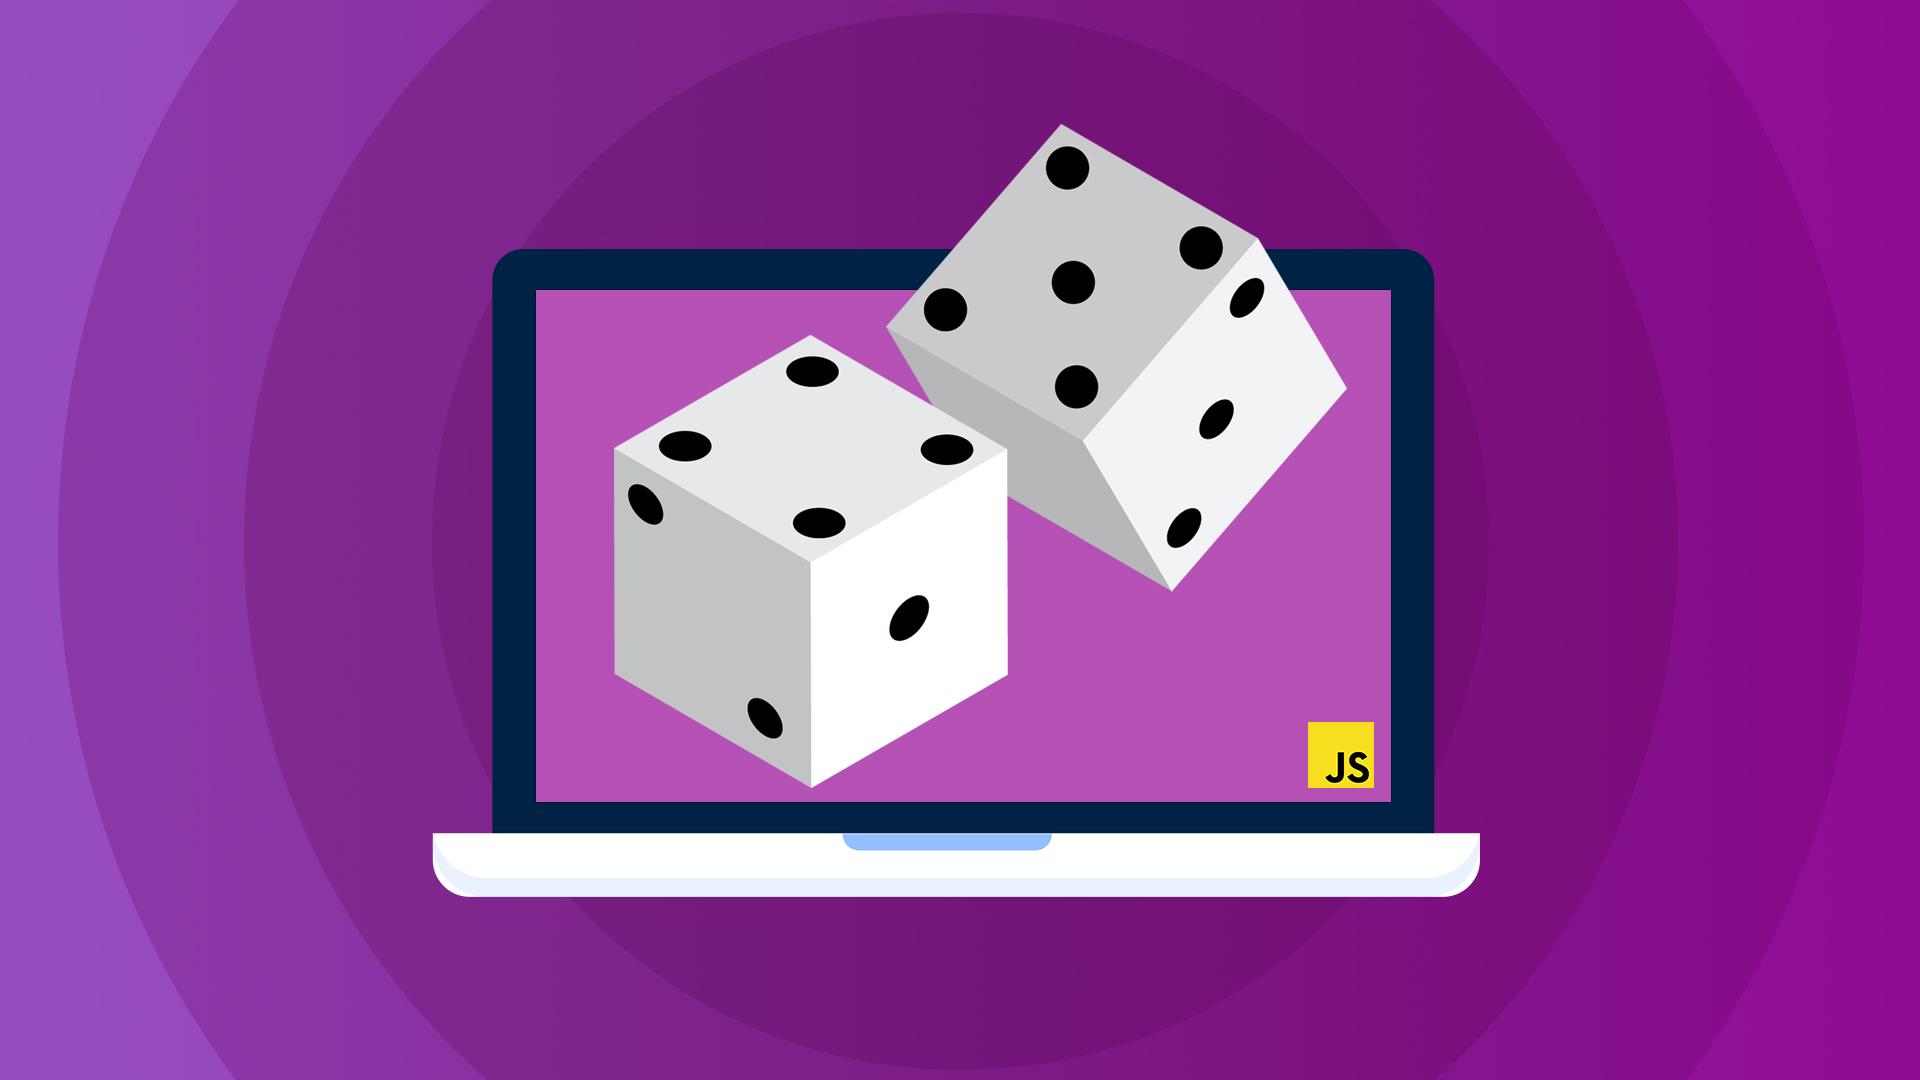 Вебинар Пишем игру в кости на JavaScript (JQuery) фото